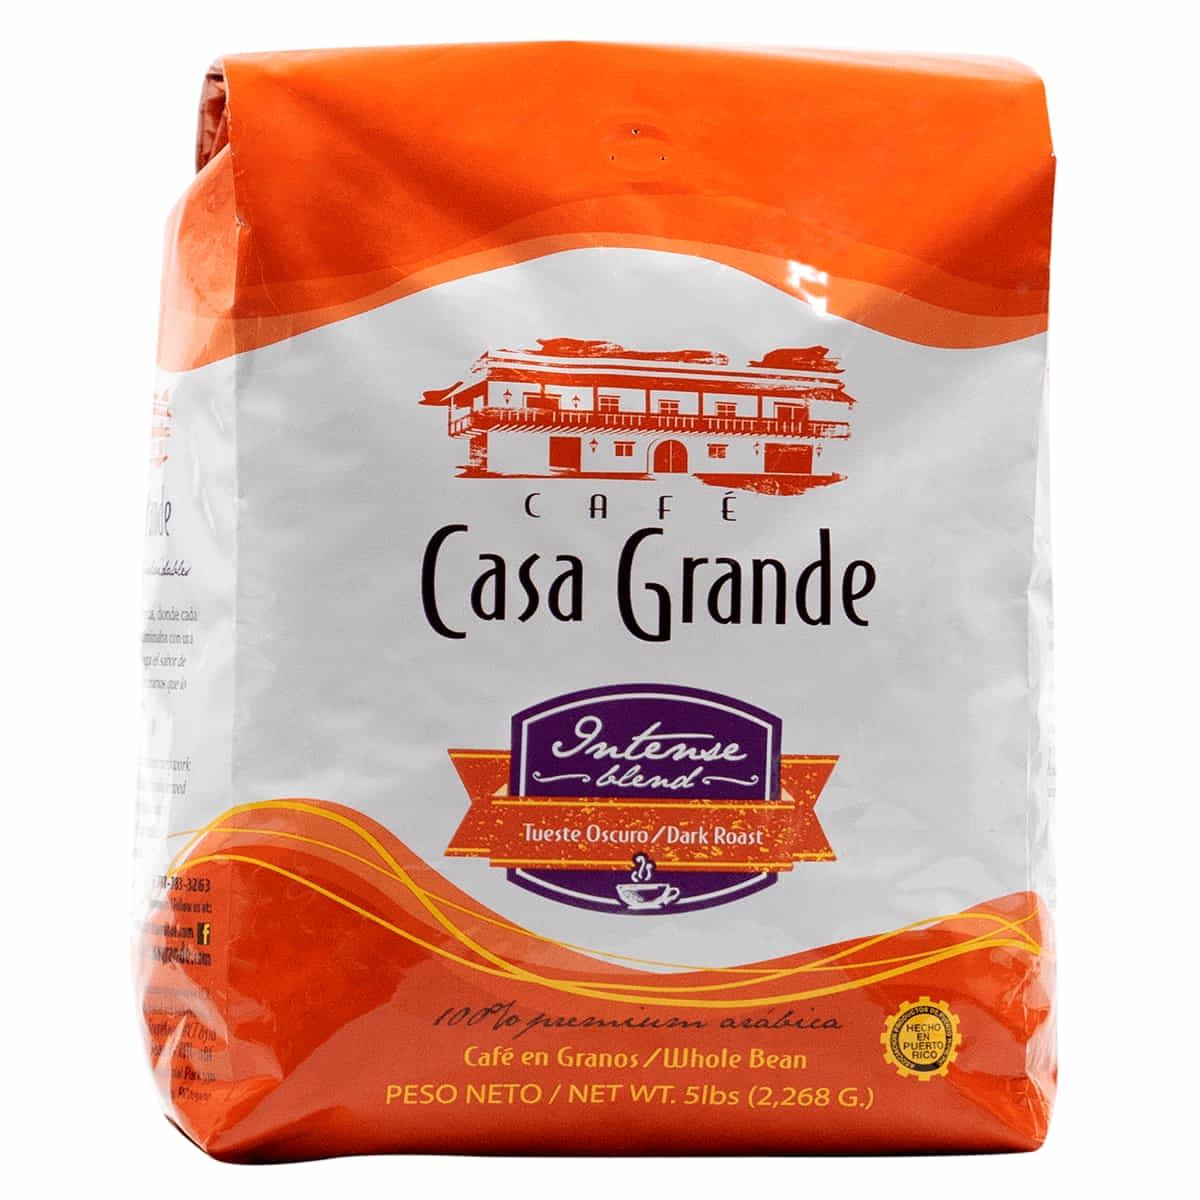 Bolsa de Cafe de cinco libras Casa Grande Intense Blend Authentic Boricua Premium Café de Puerto Rico